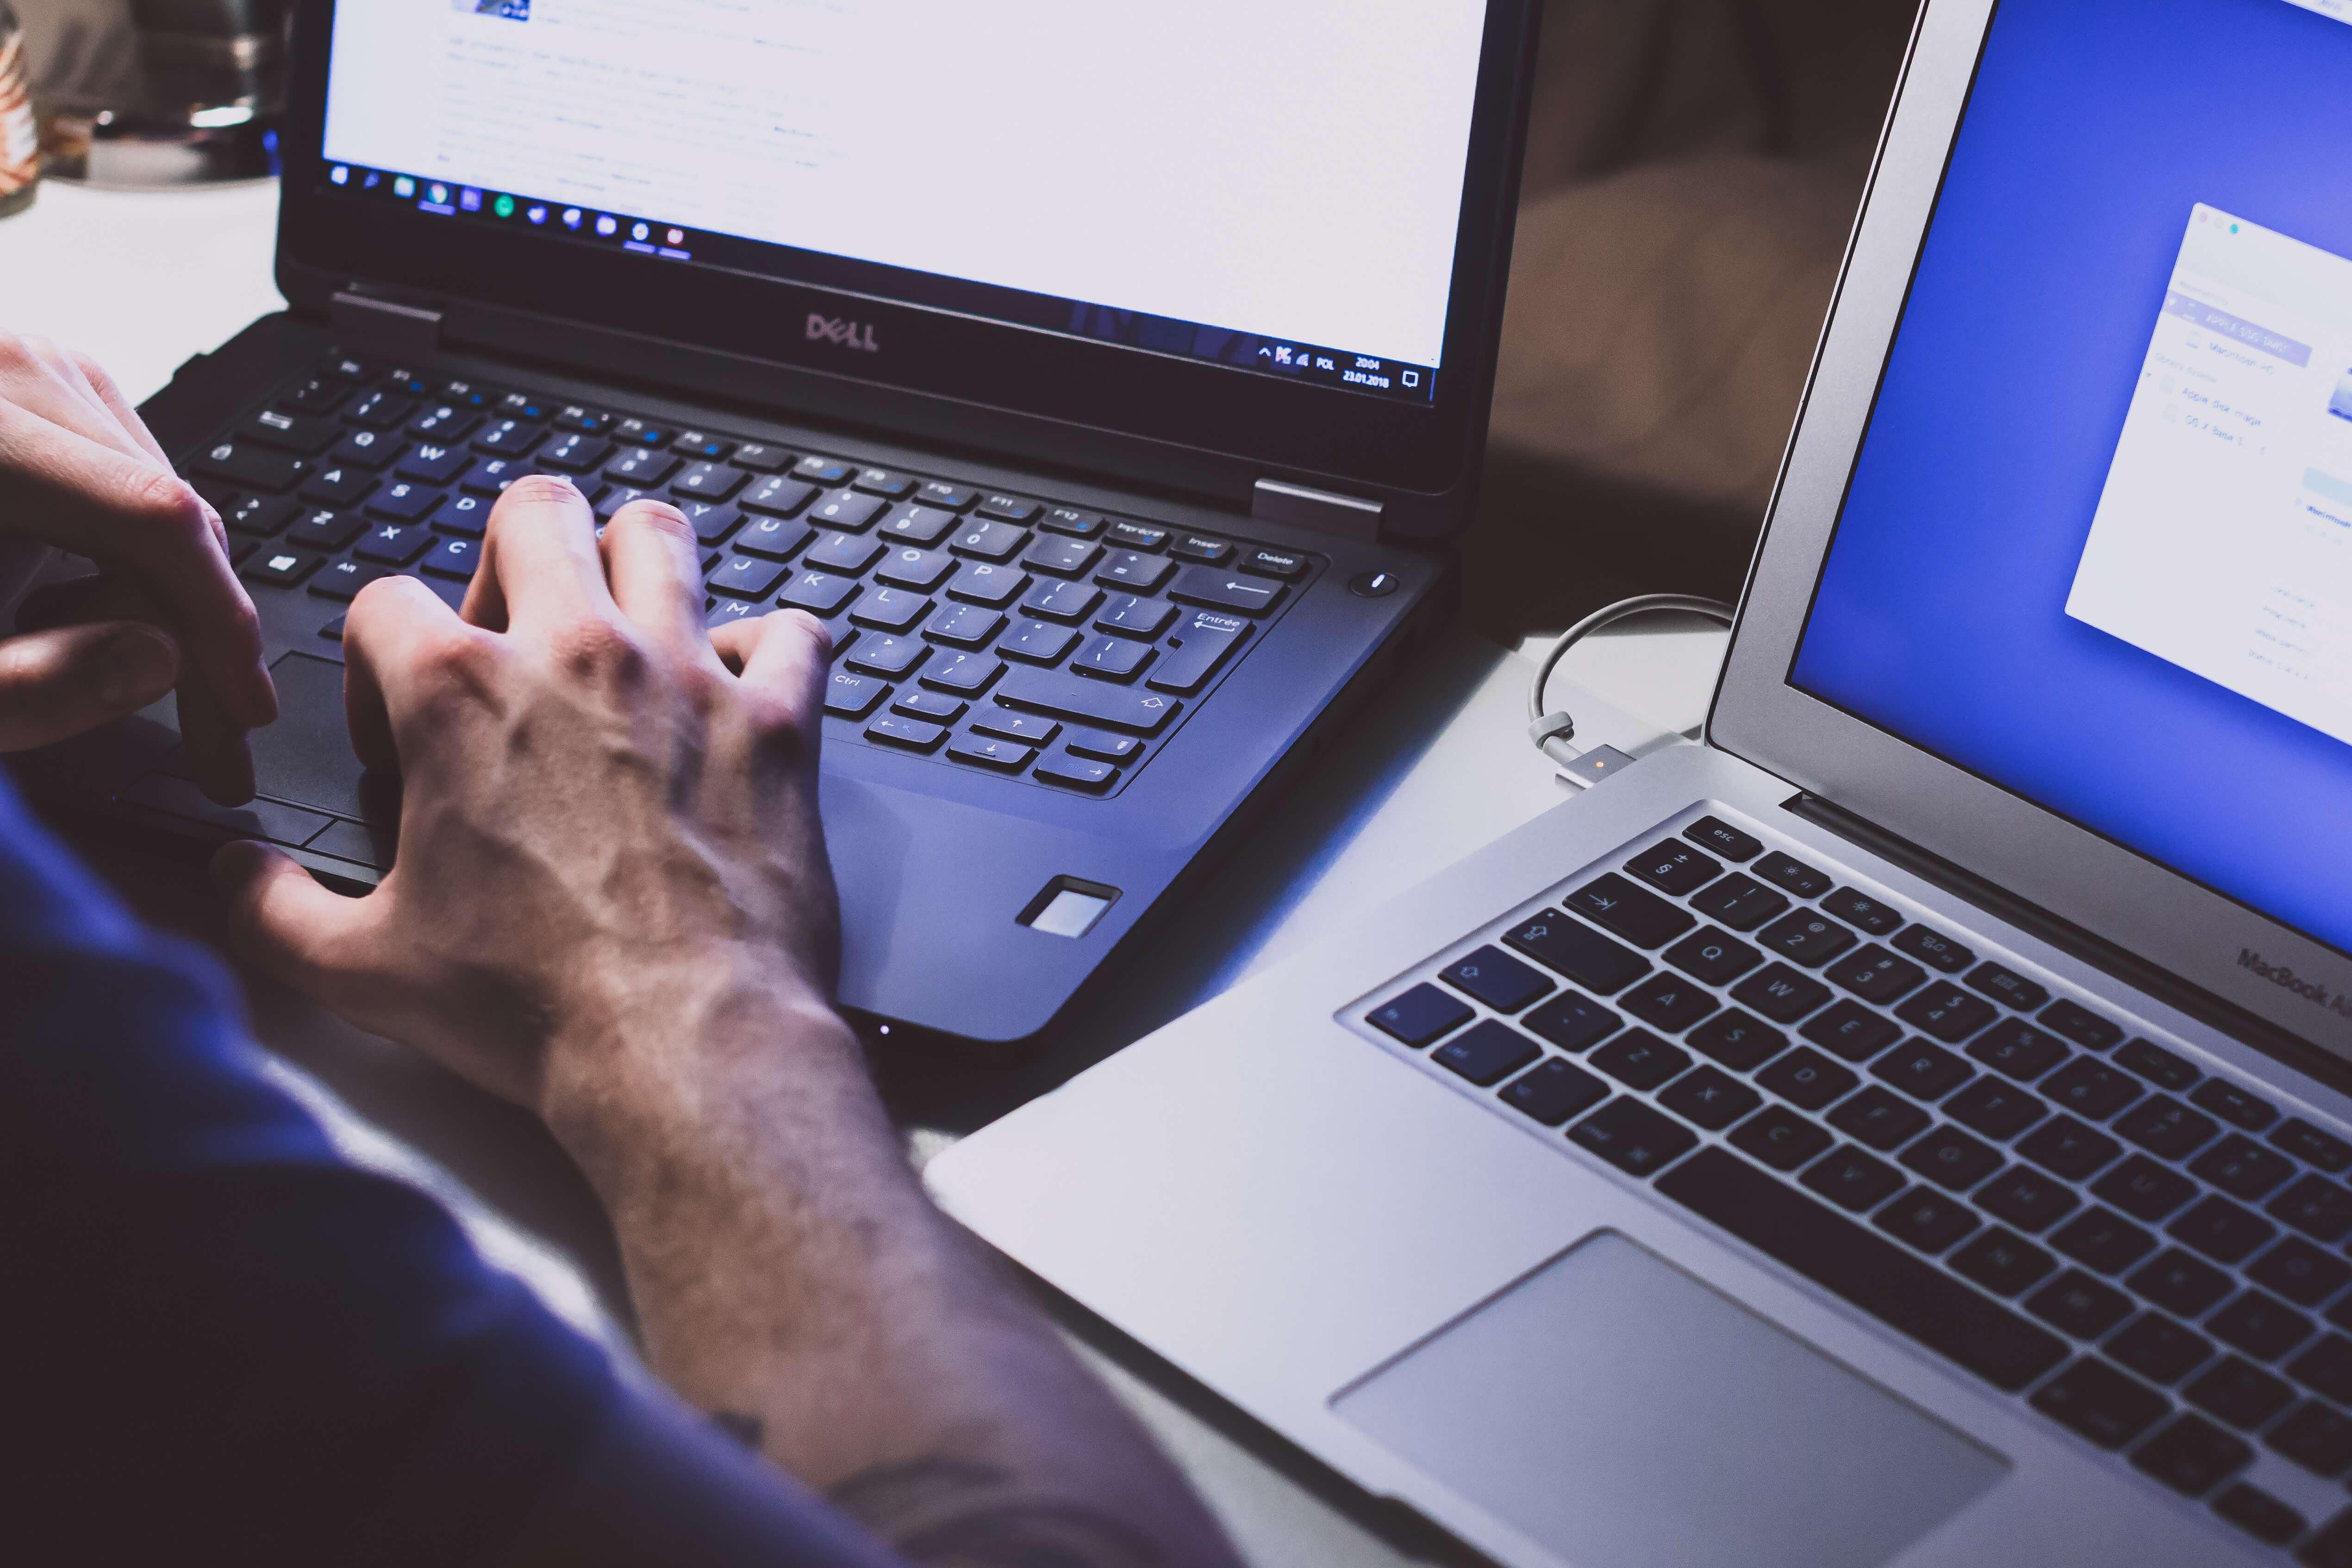 Phần 5: Hướng dẫn cài đặt WordPress và đưa Website lên Internet